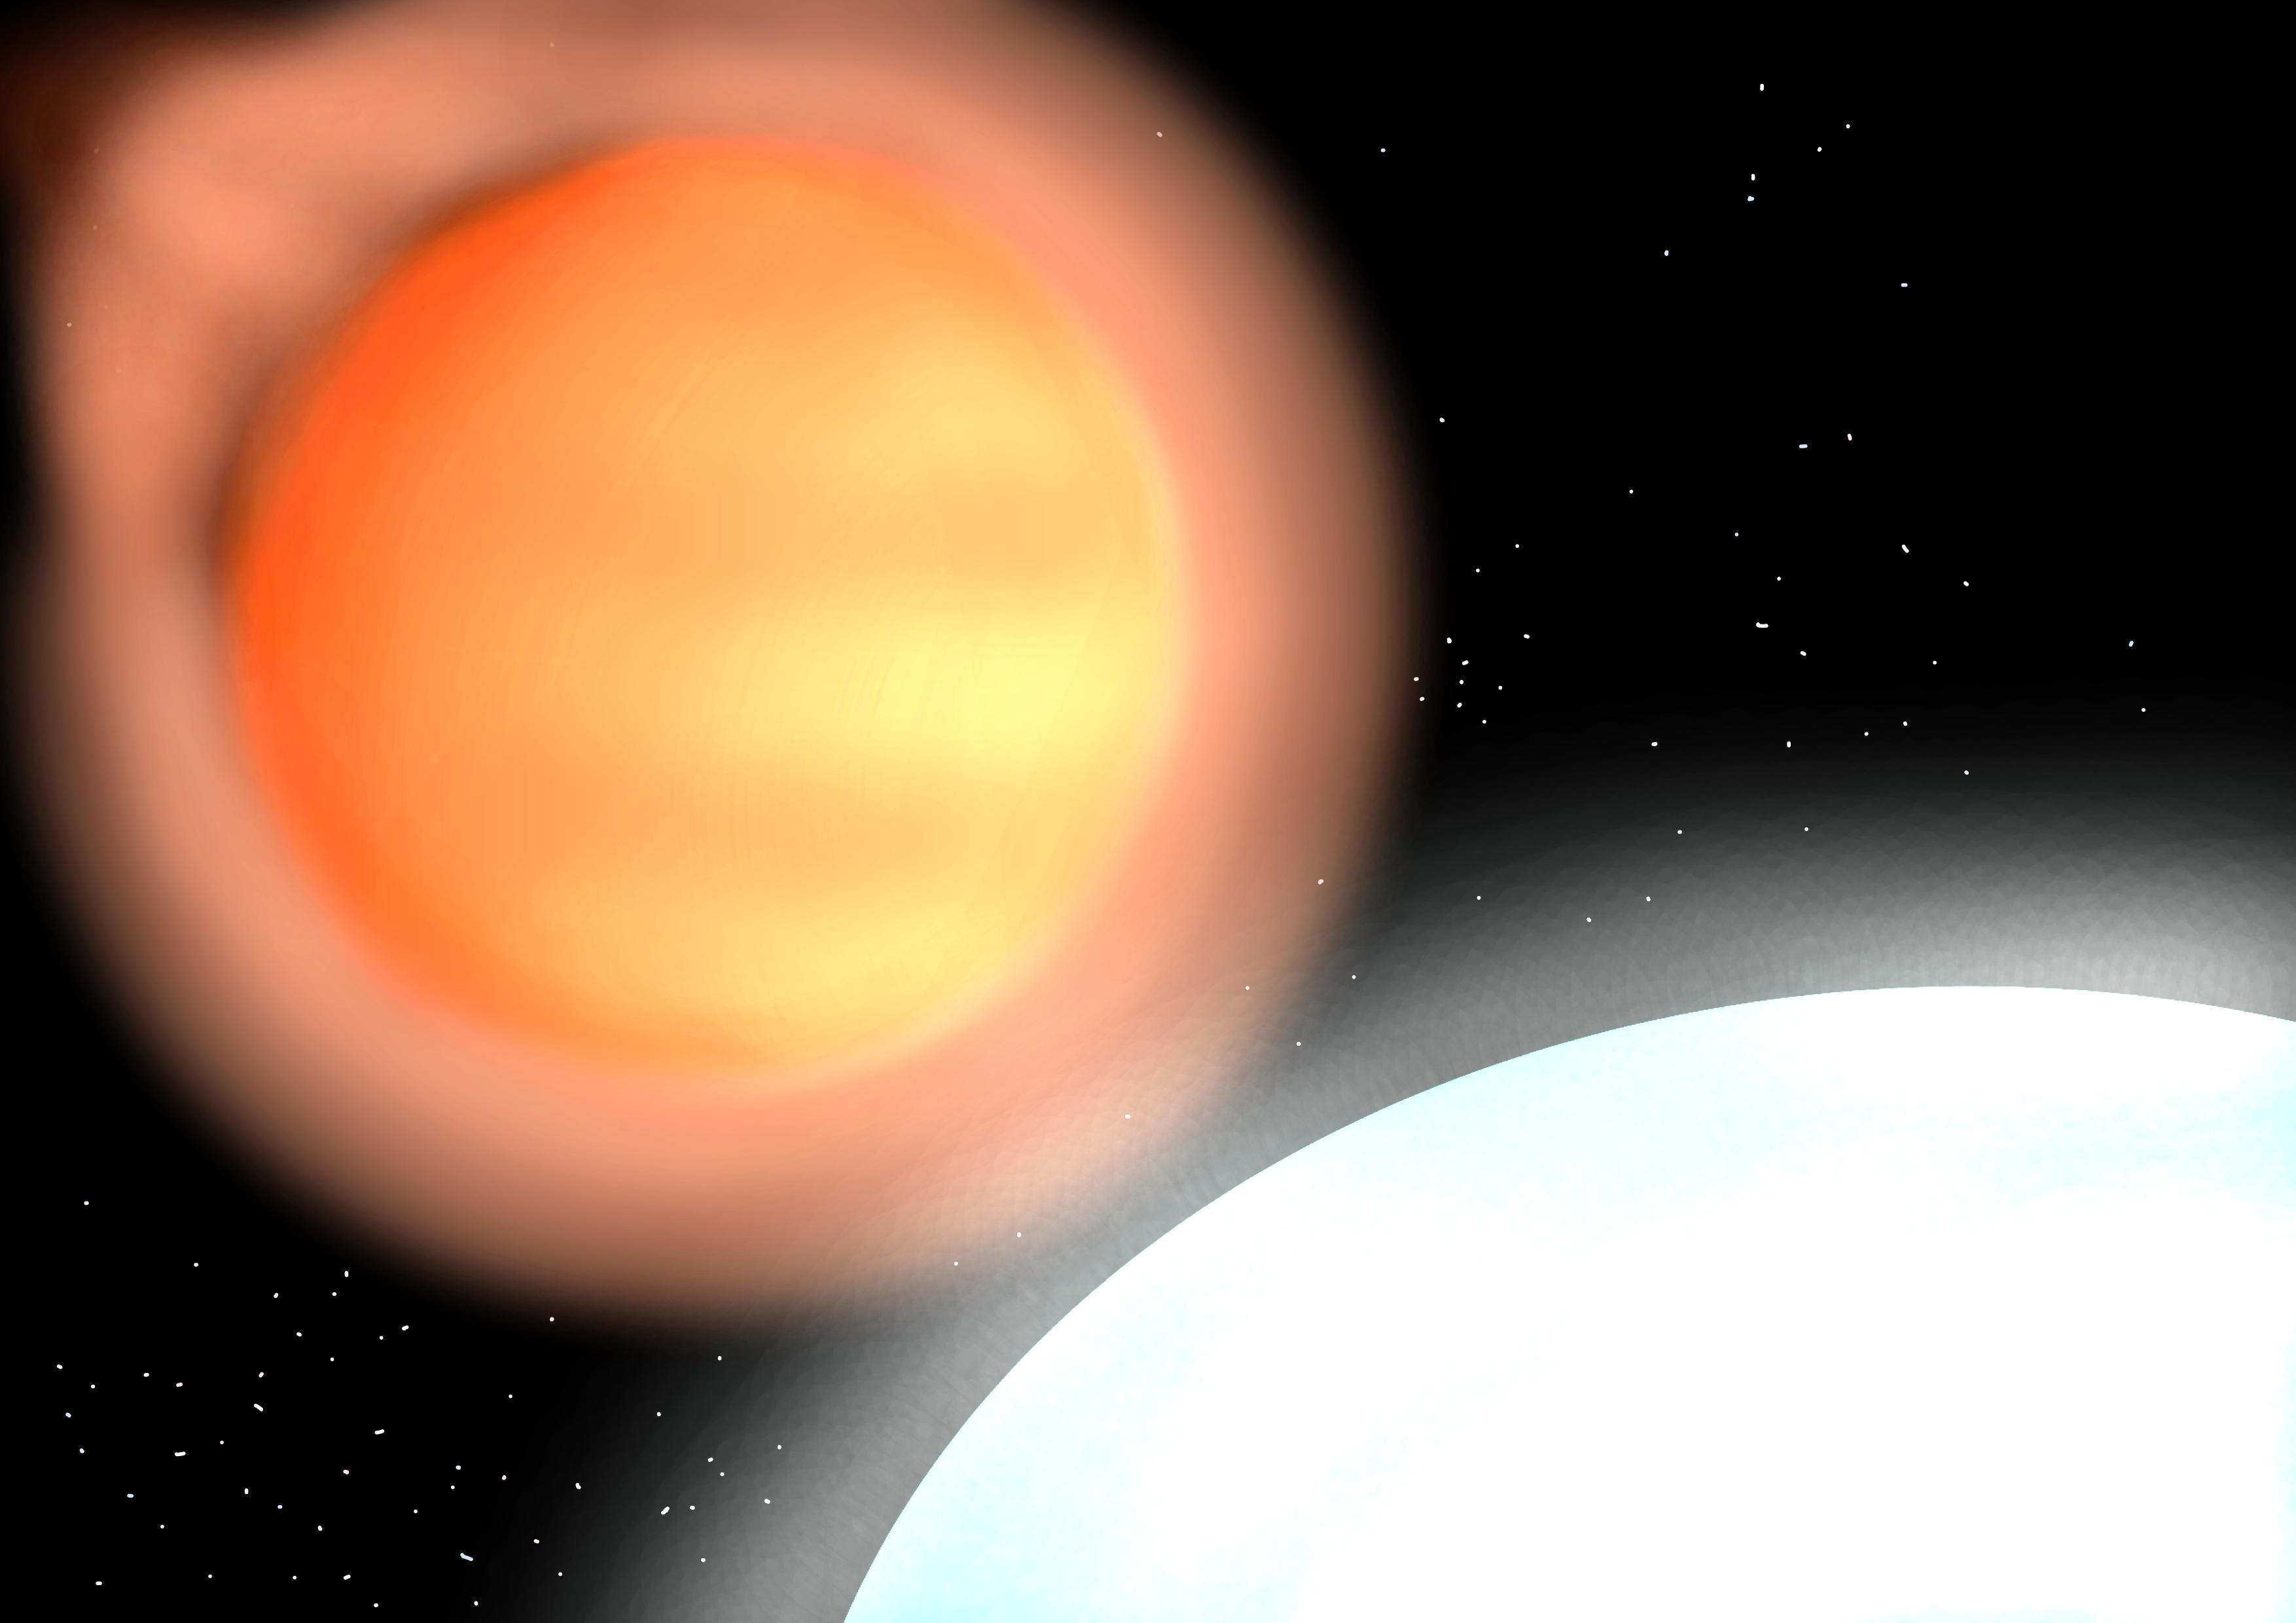 KELT-9 b | 系外惑星データベー...